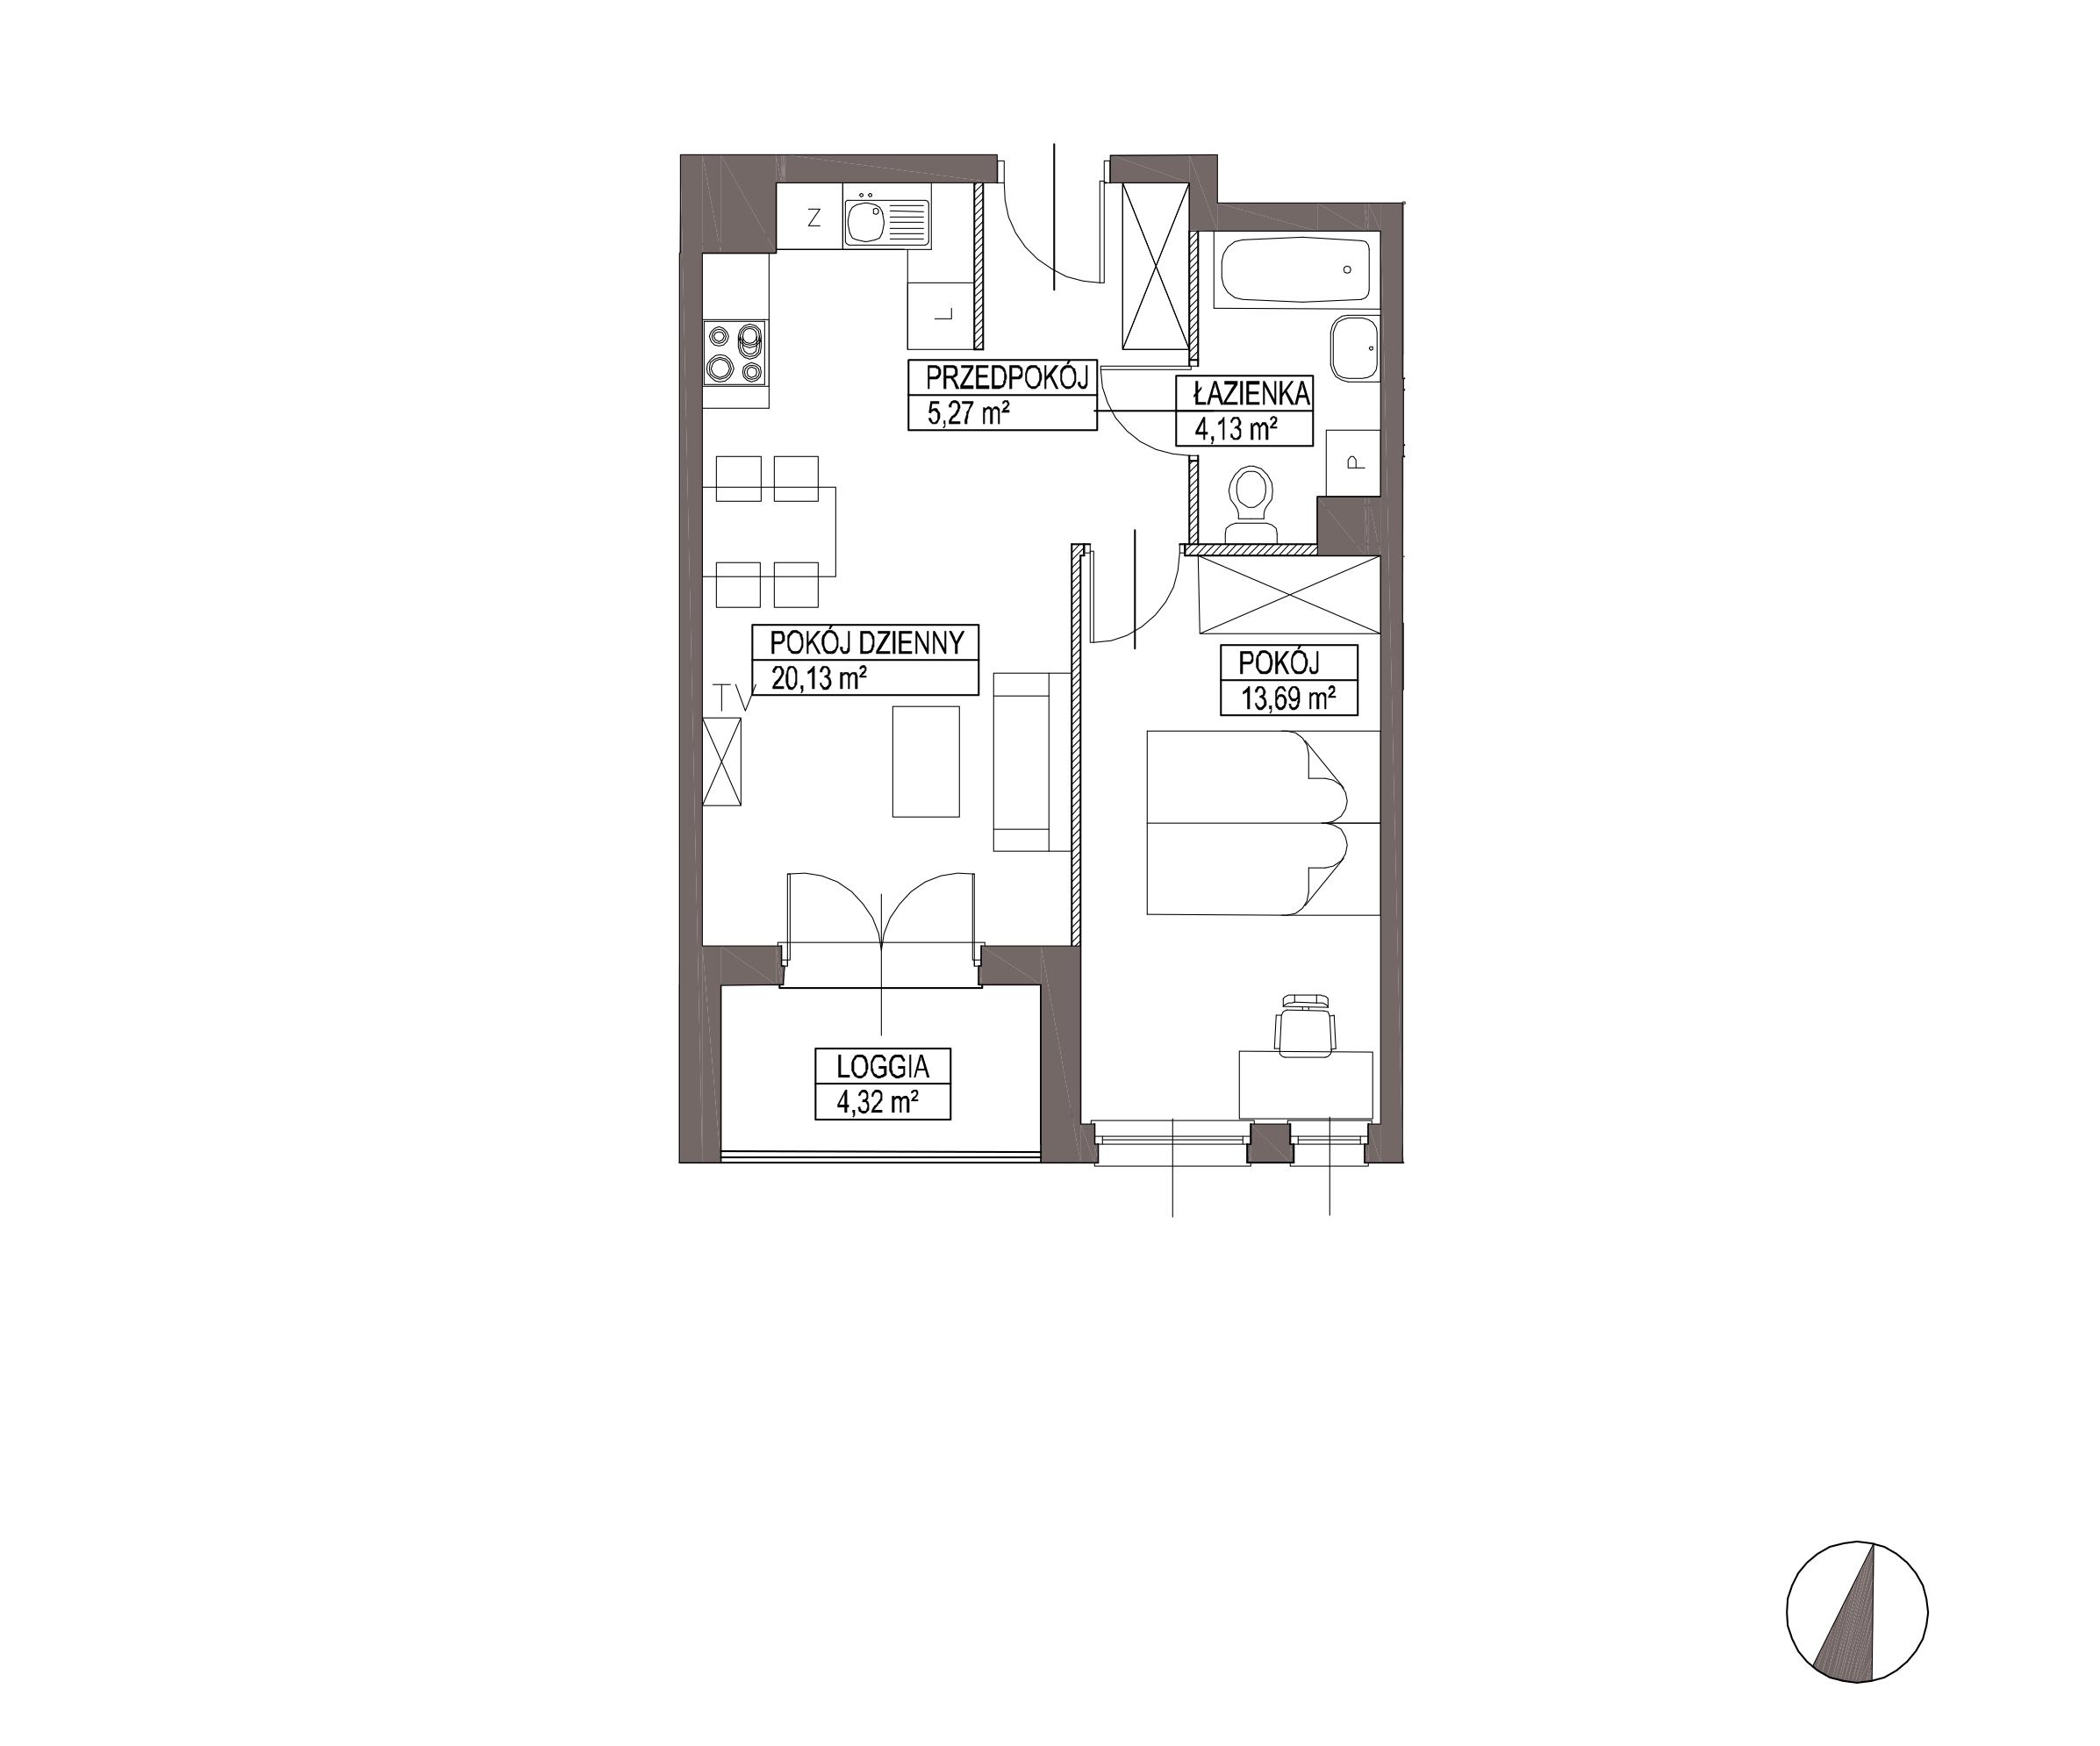 Kameralna Olszówka / budynek 1 / mieszkanie KO/A/3/3 rzut 1